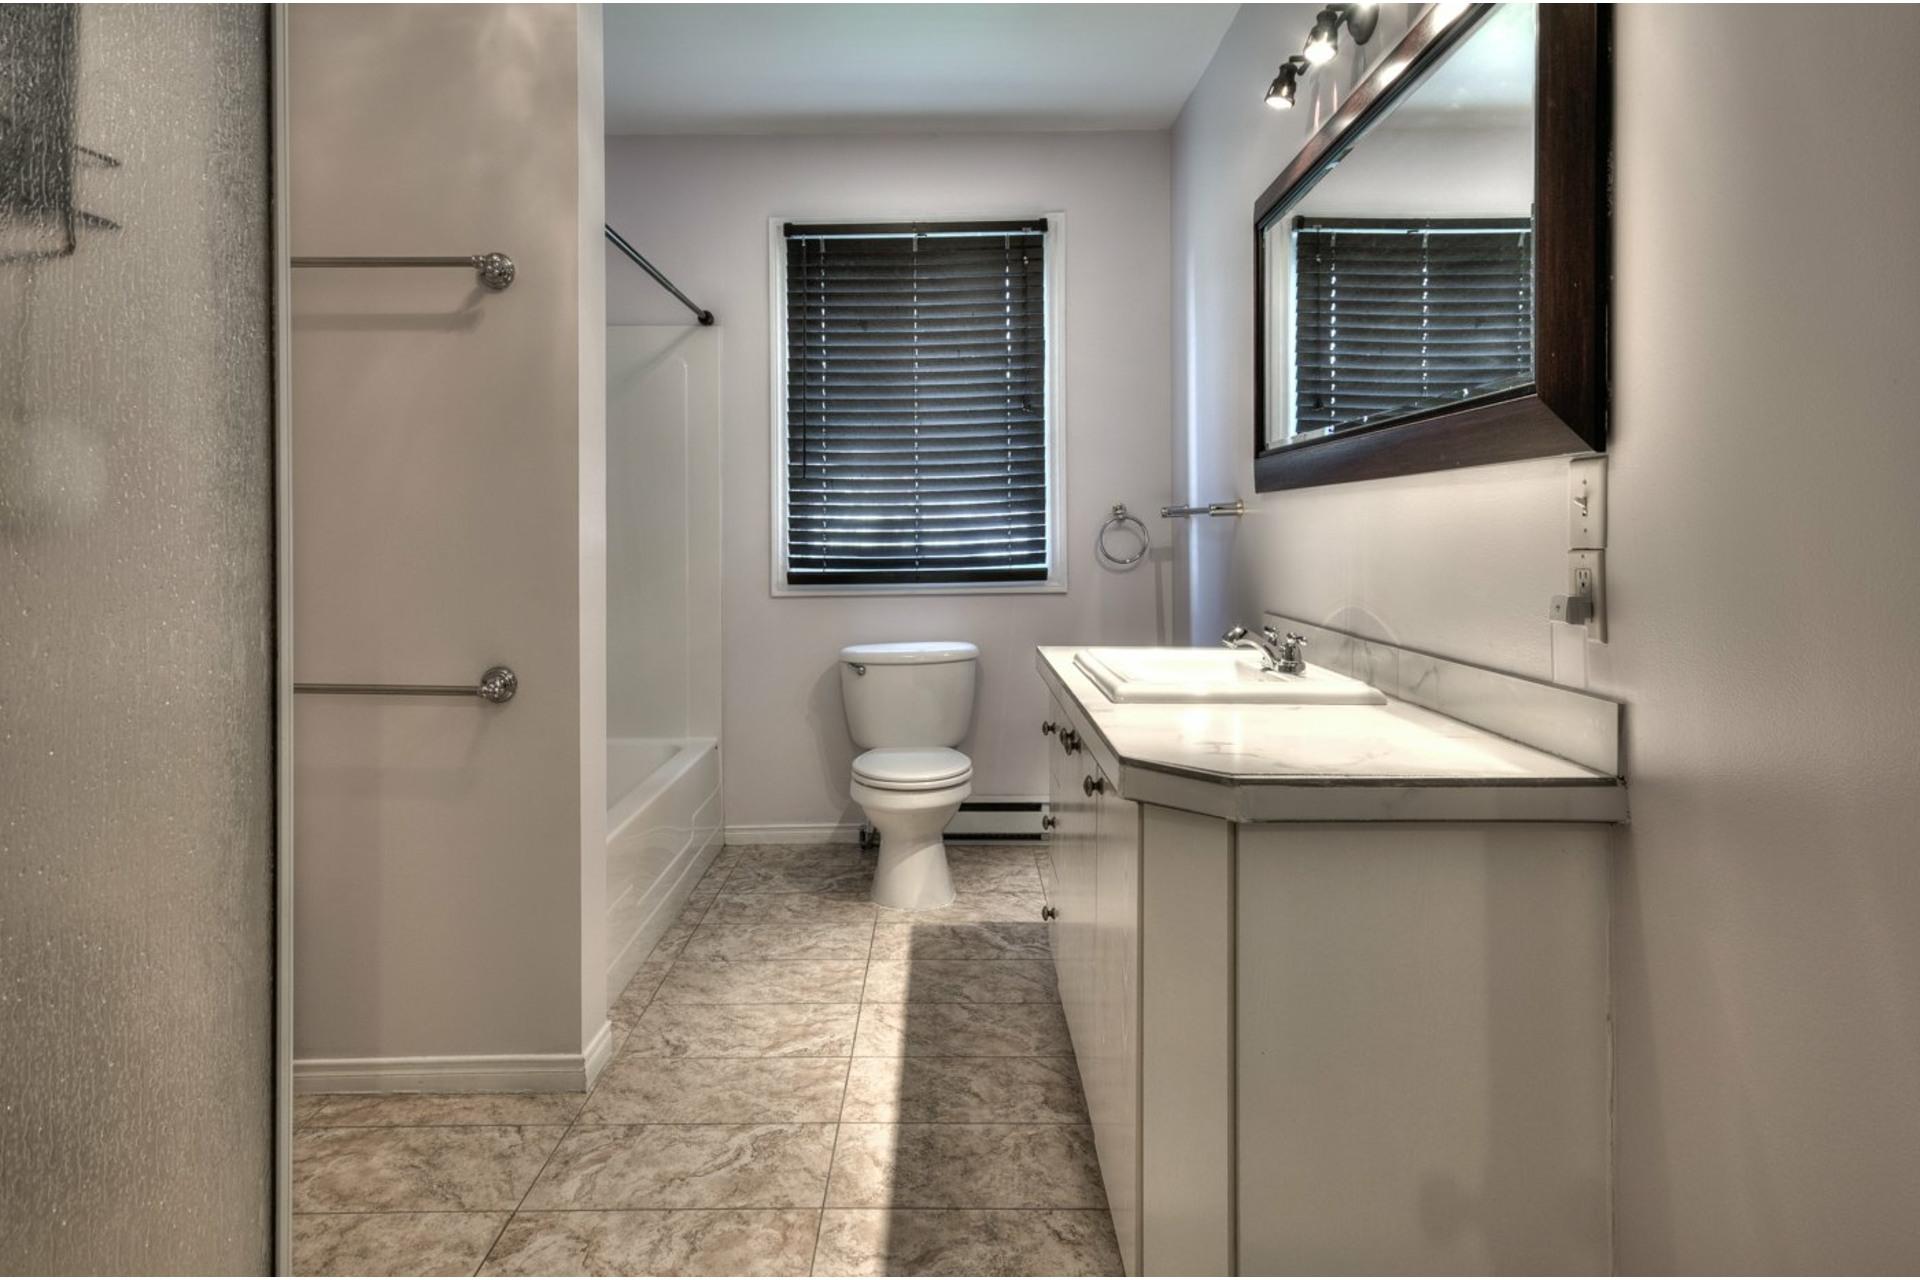 image 16 - Appartement À vendre Brossard - 5 pièces